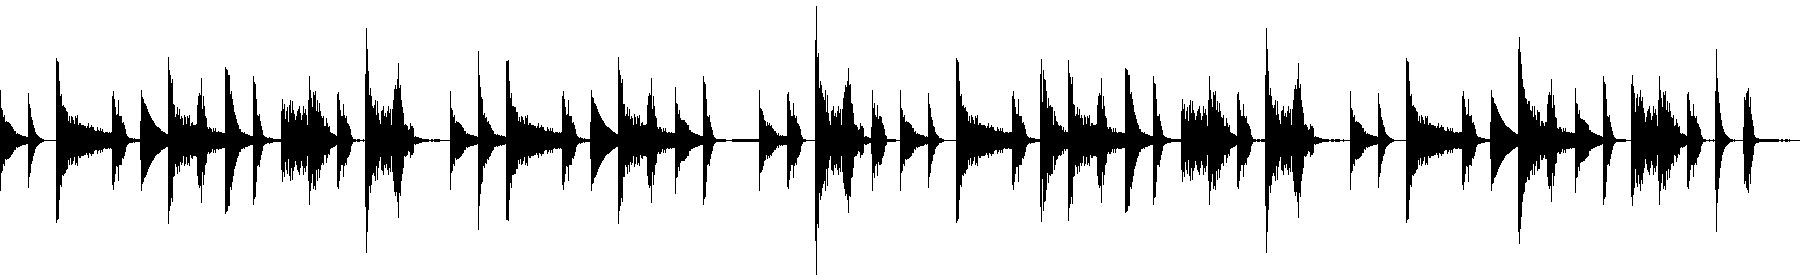 19059 cr78beat1 lc 120bpm wav